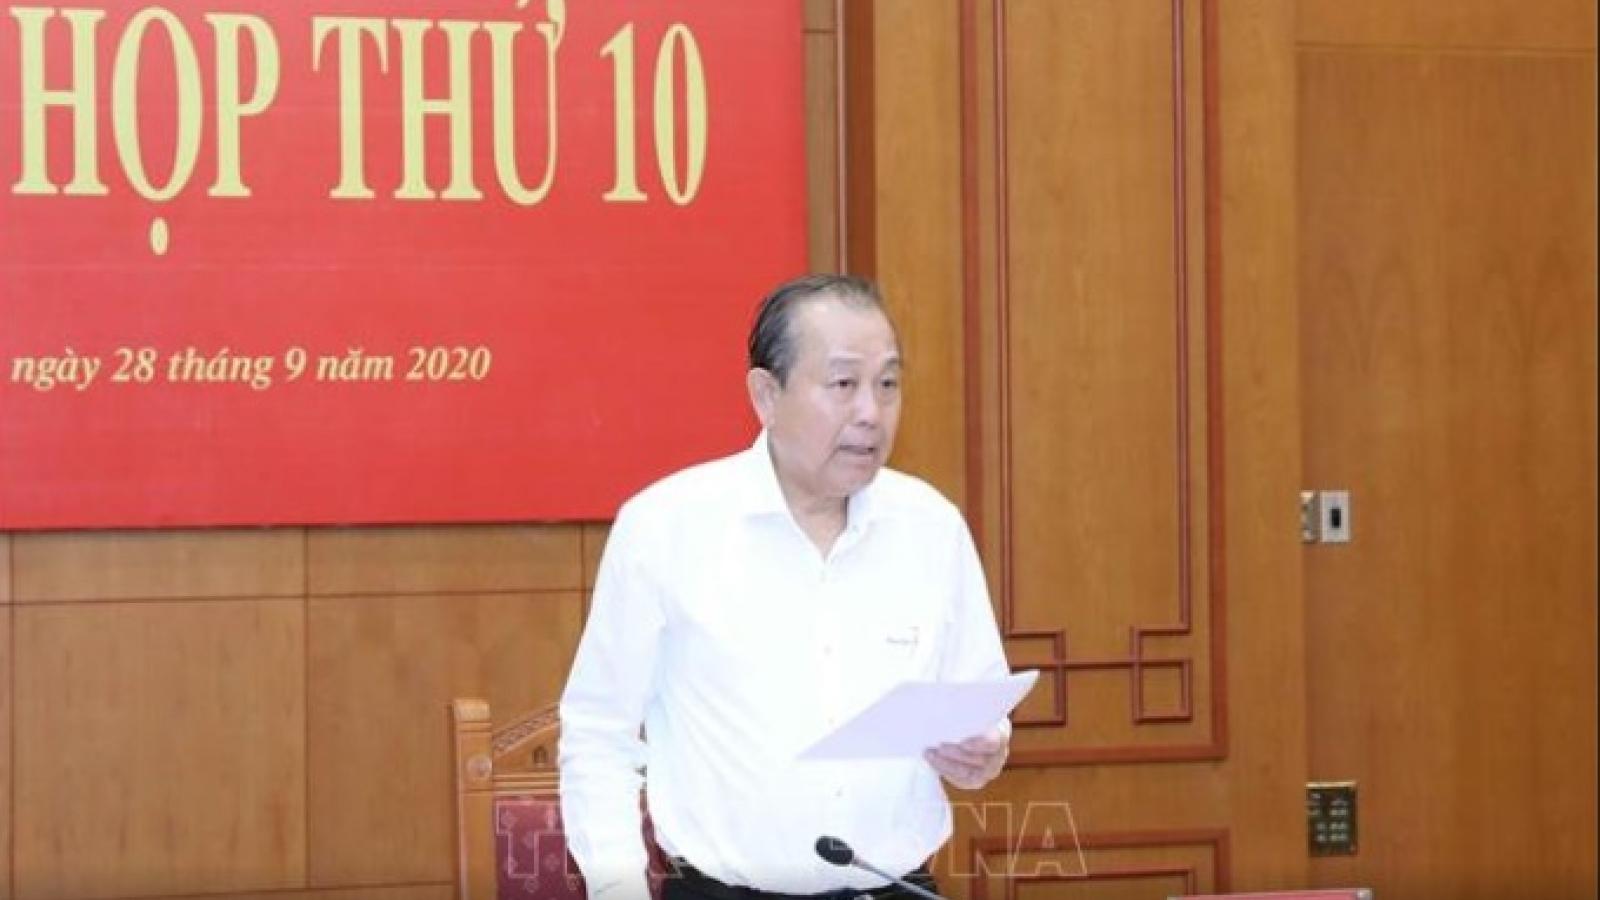 """Phó Thủ tướng Trương Hòa Bình: """"Nghiên cứu, phối hợp nâng cao chất lượng đào tạo luật sư"""""""